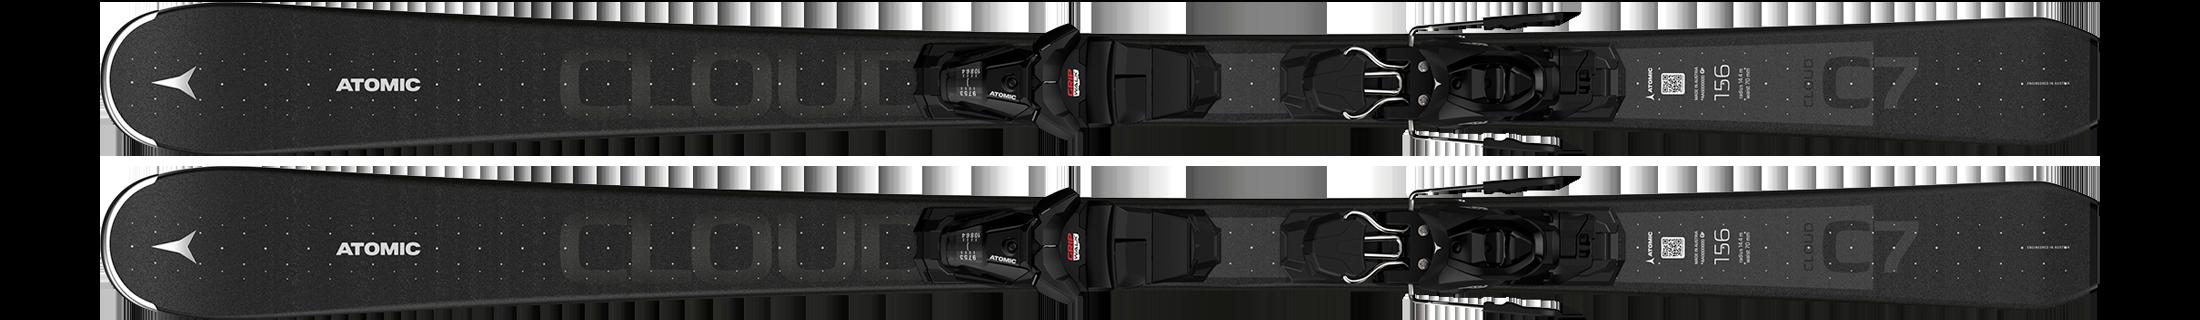 CLOUD 7 BLACK + M 10 GW